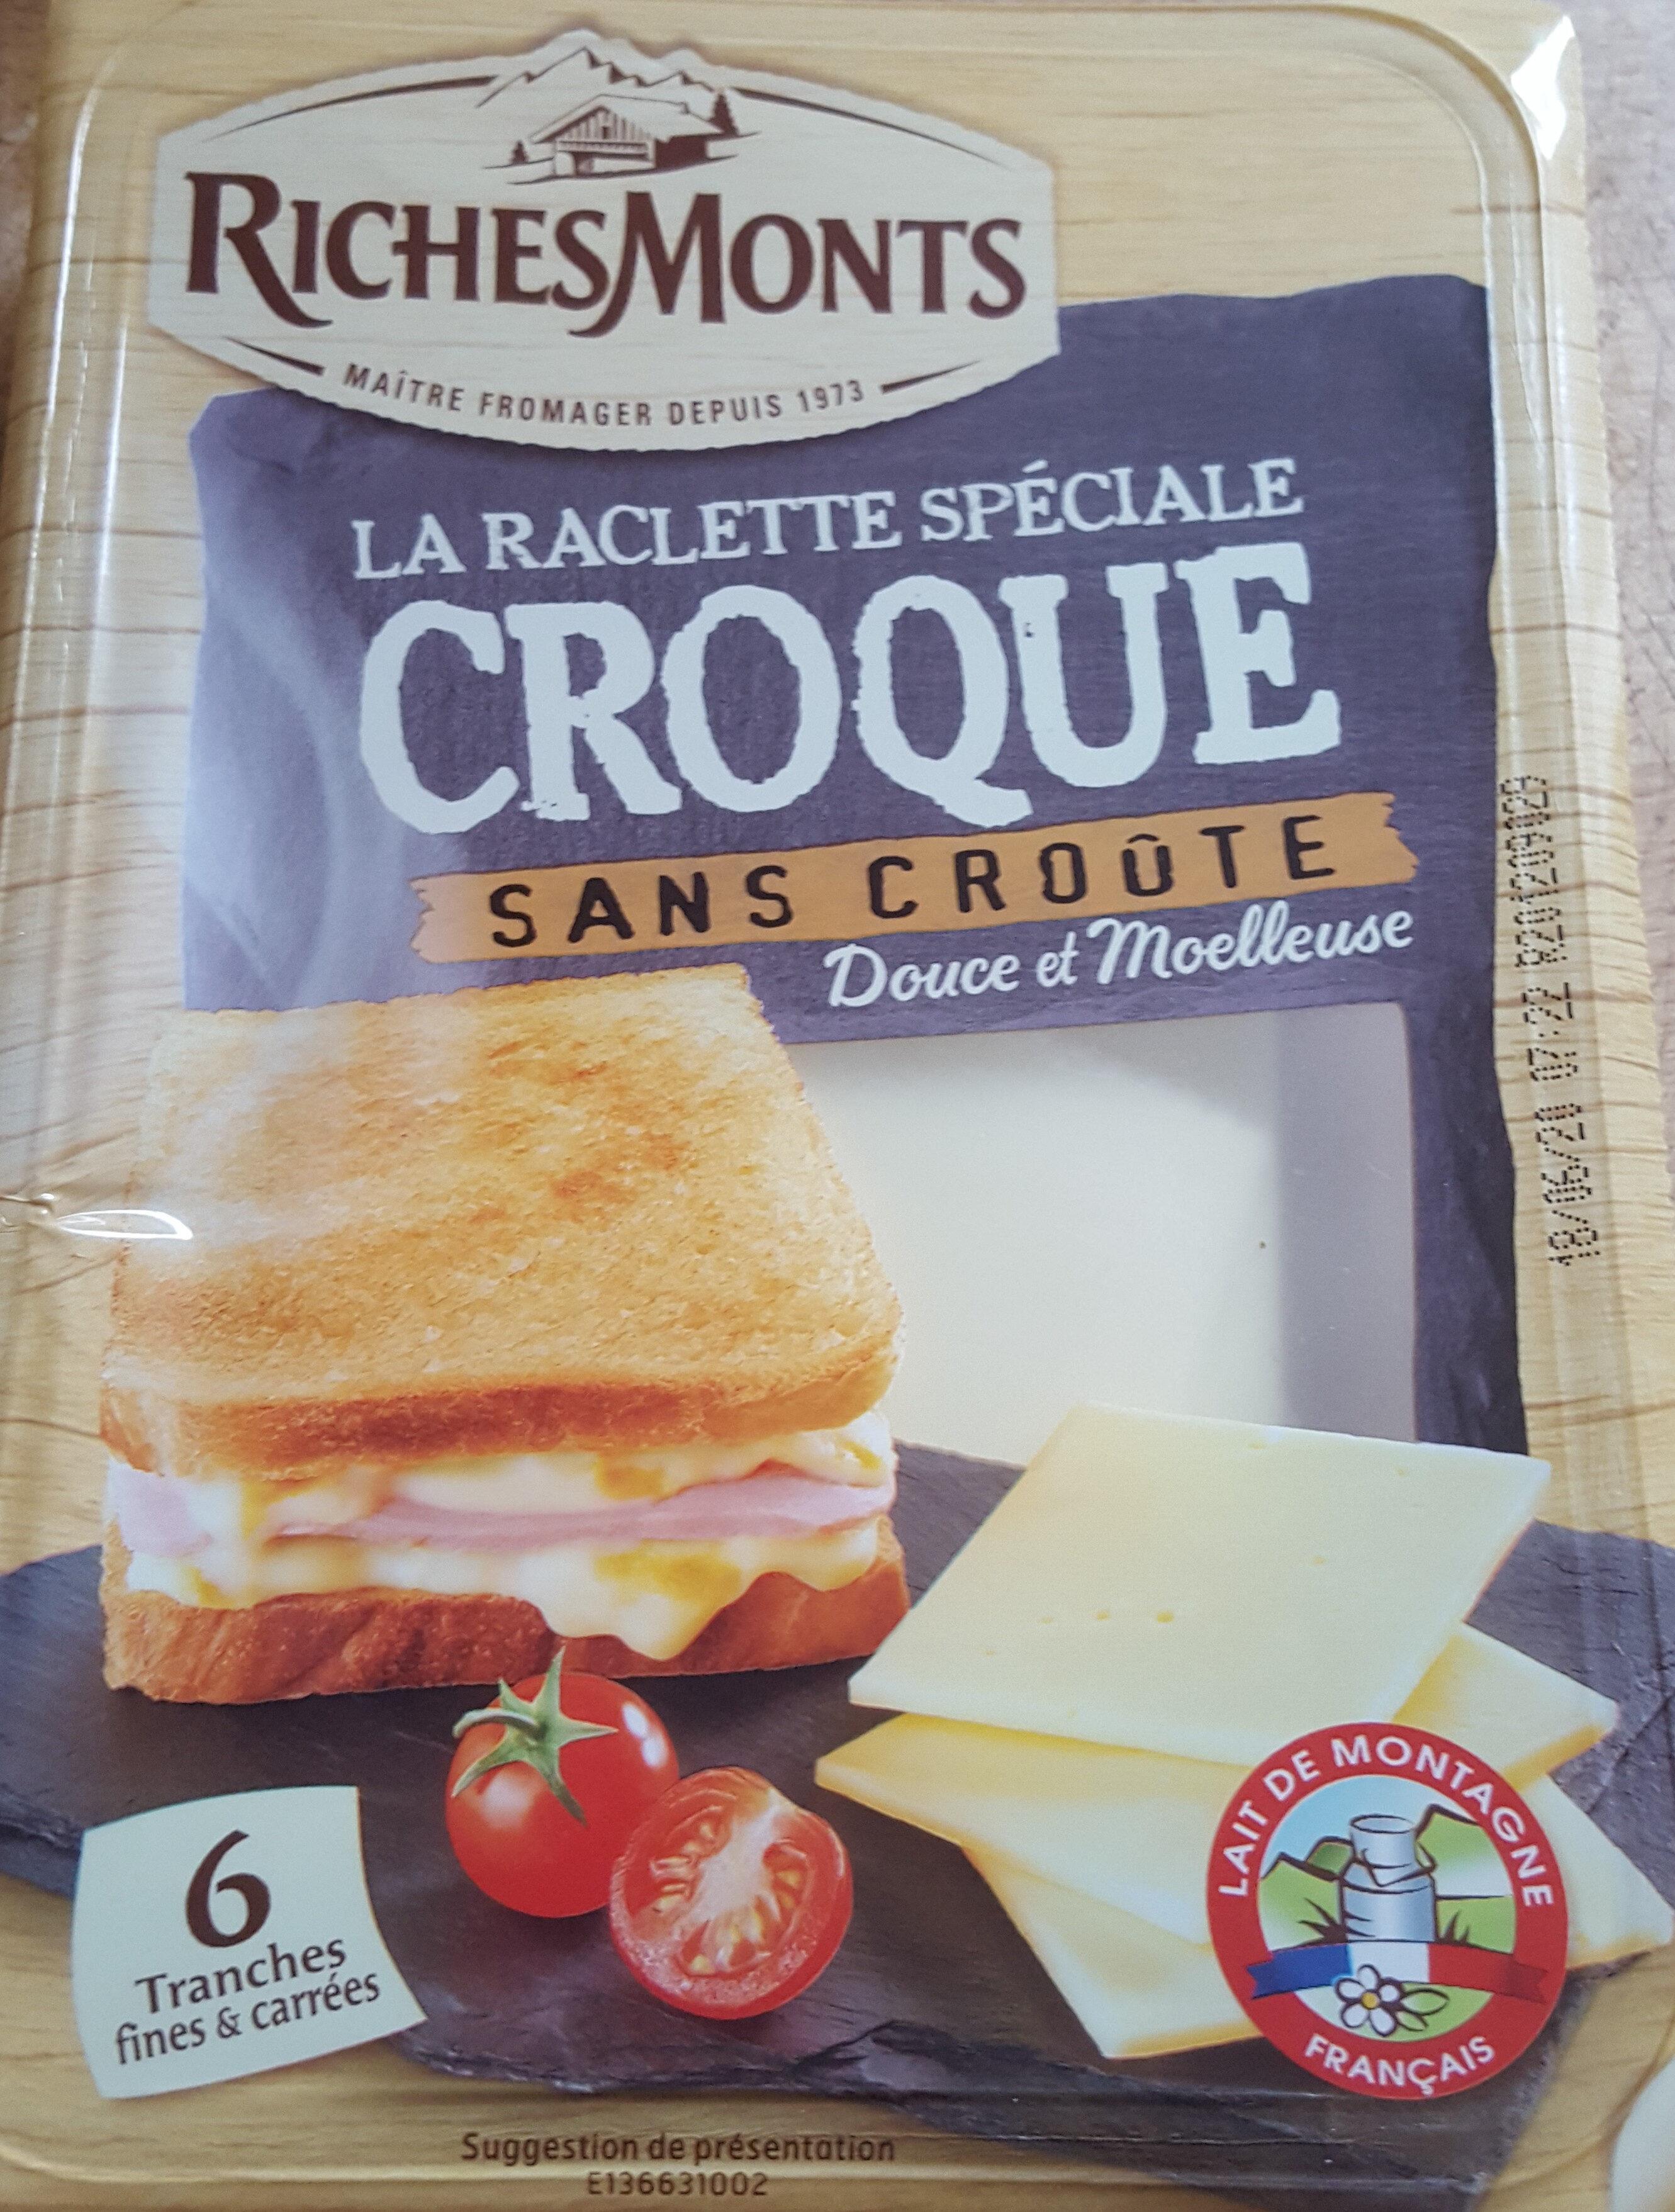 La raclette spéciale croque sans croûte - Produit - fr